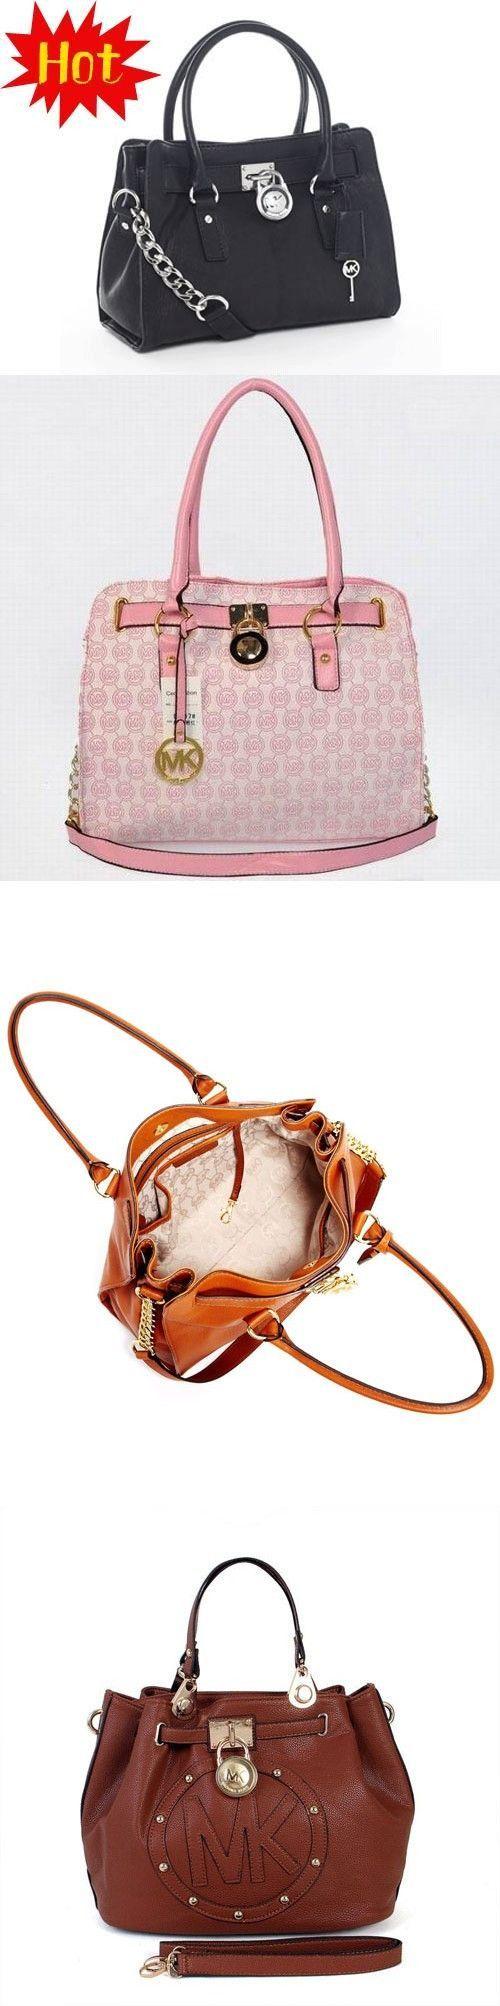 I love this Michael Kors bag! , , michael kors handbags on sale,